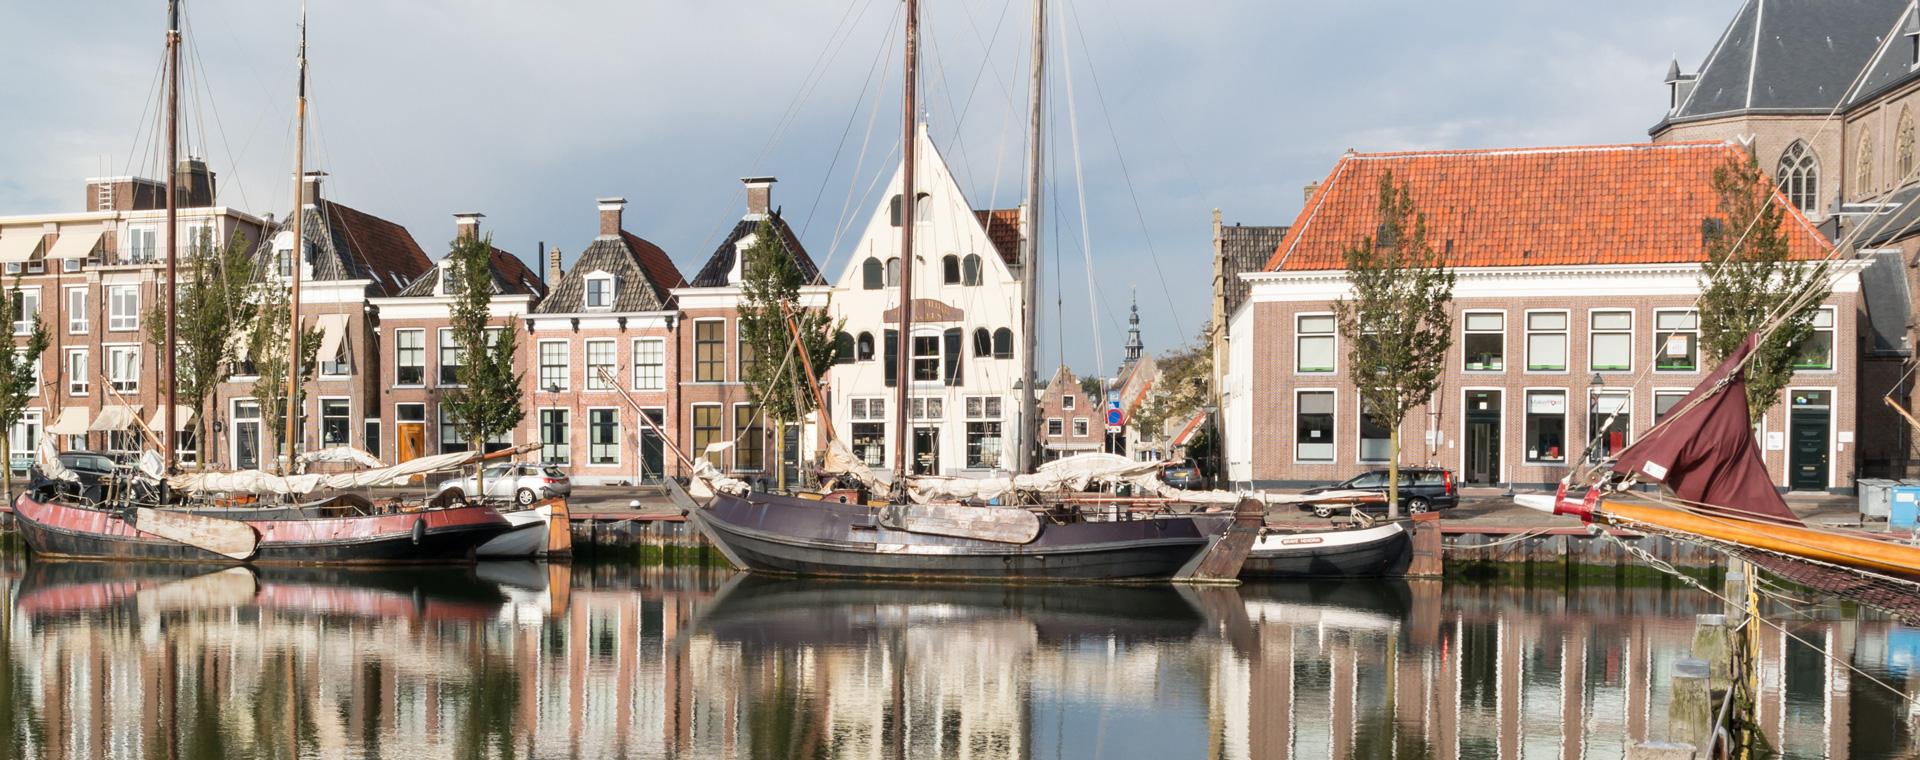 Voyage à pied Pays-Bas : Le Tour des onze villes frisonnes